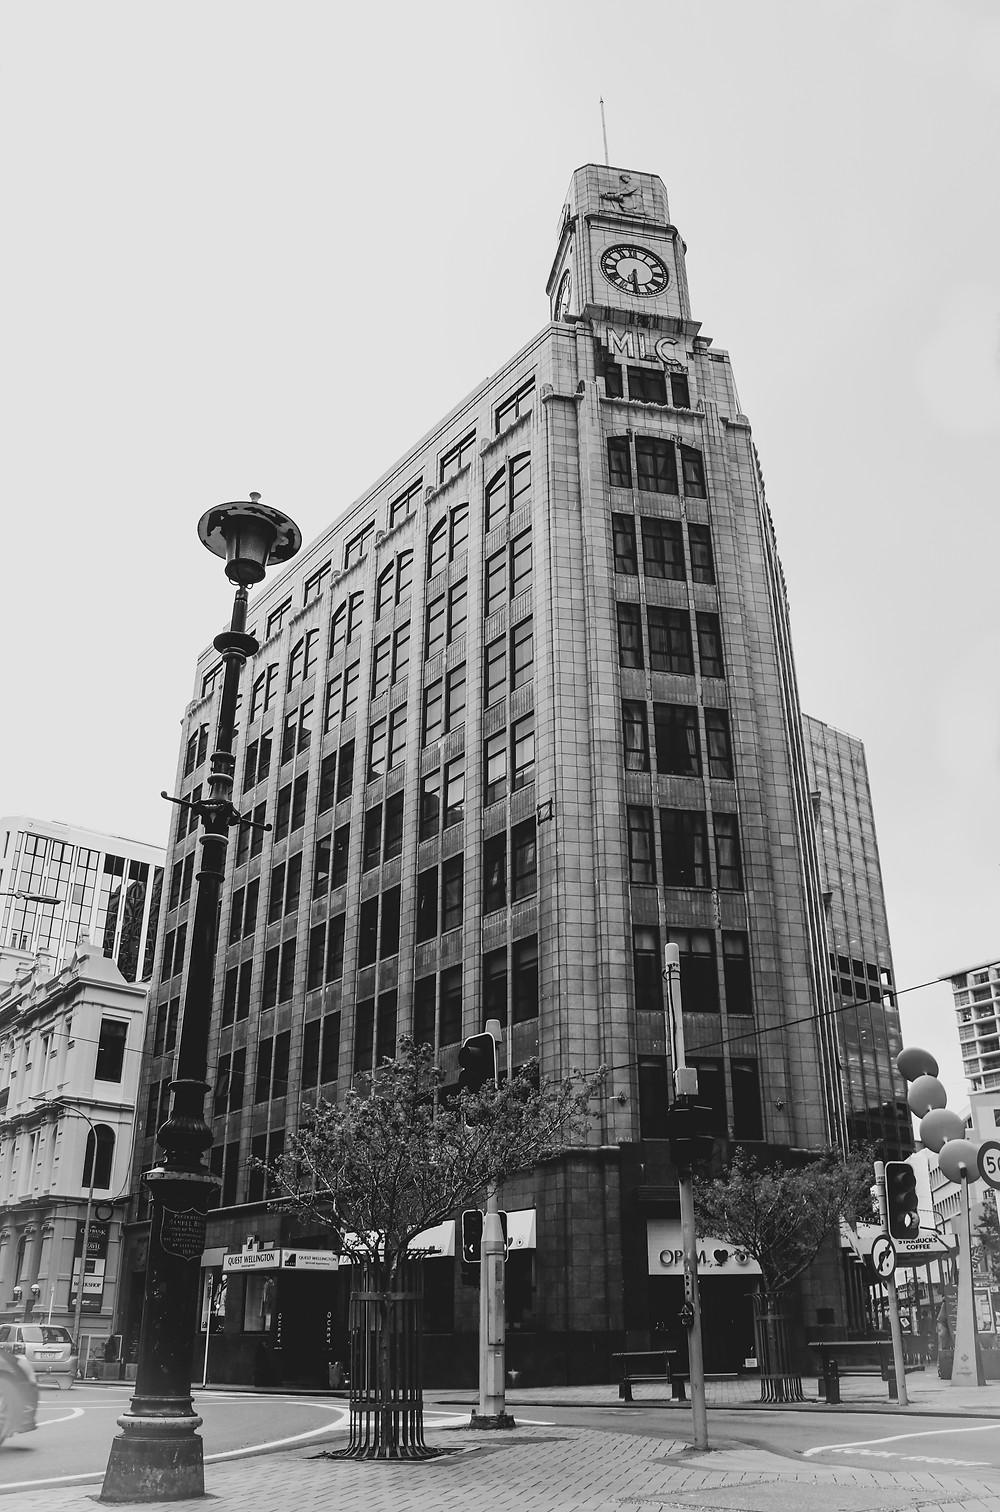 MLC Building, by Ana Lyubich